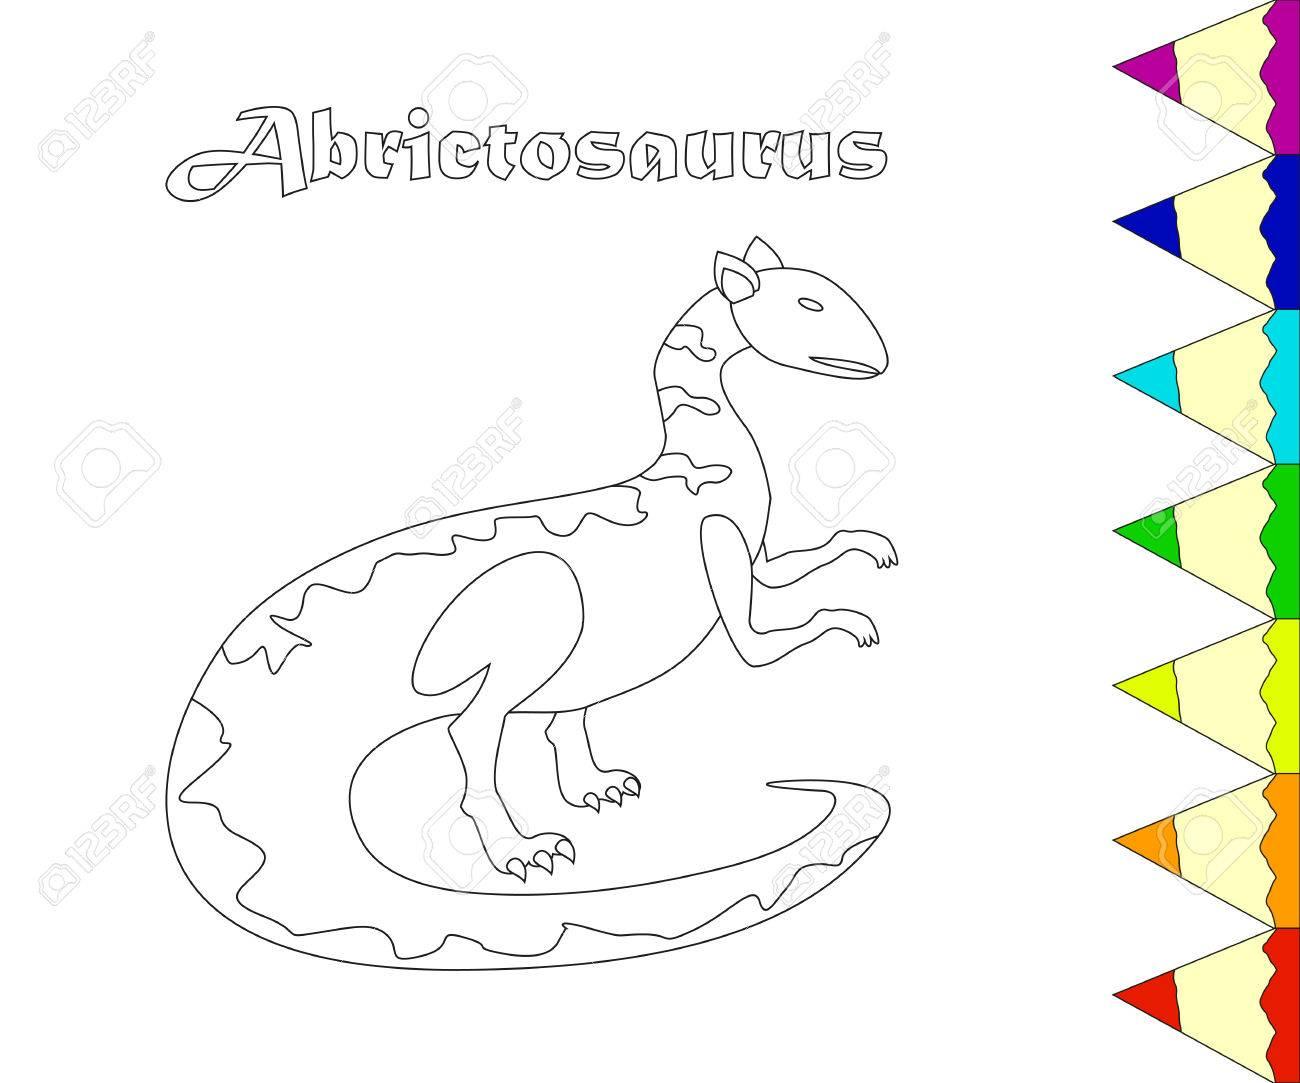 Dibujo Para Colorear De Reptiles Del Jurásico. Ilustraciones ...